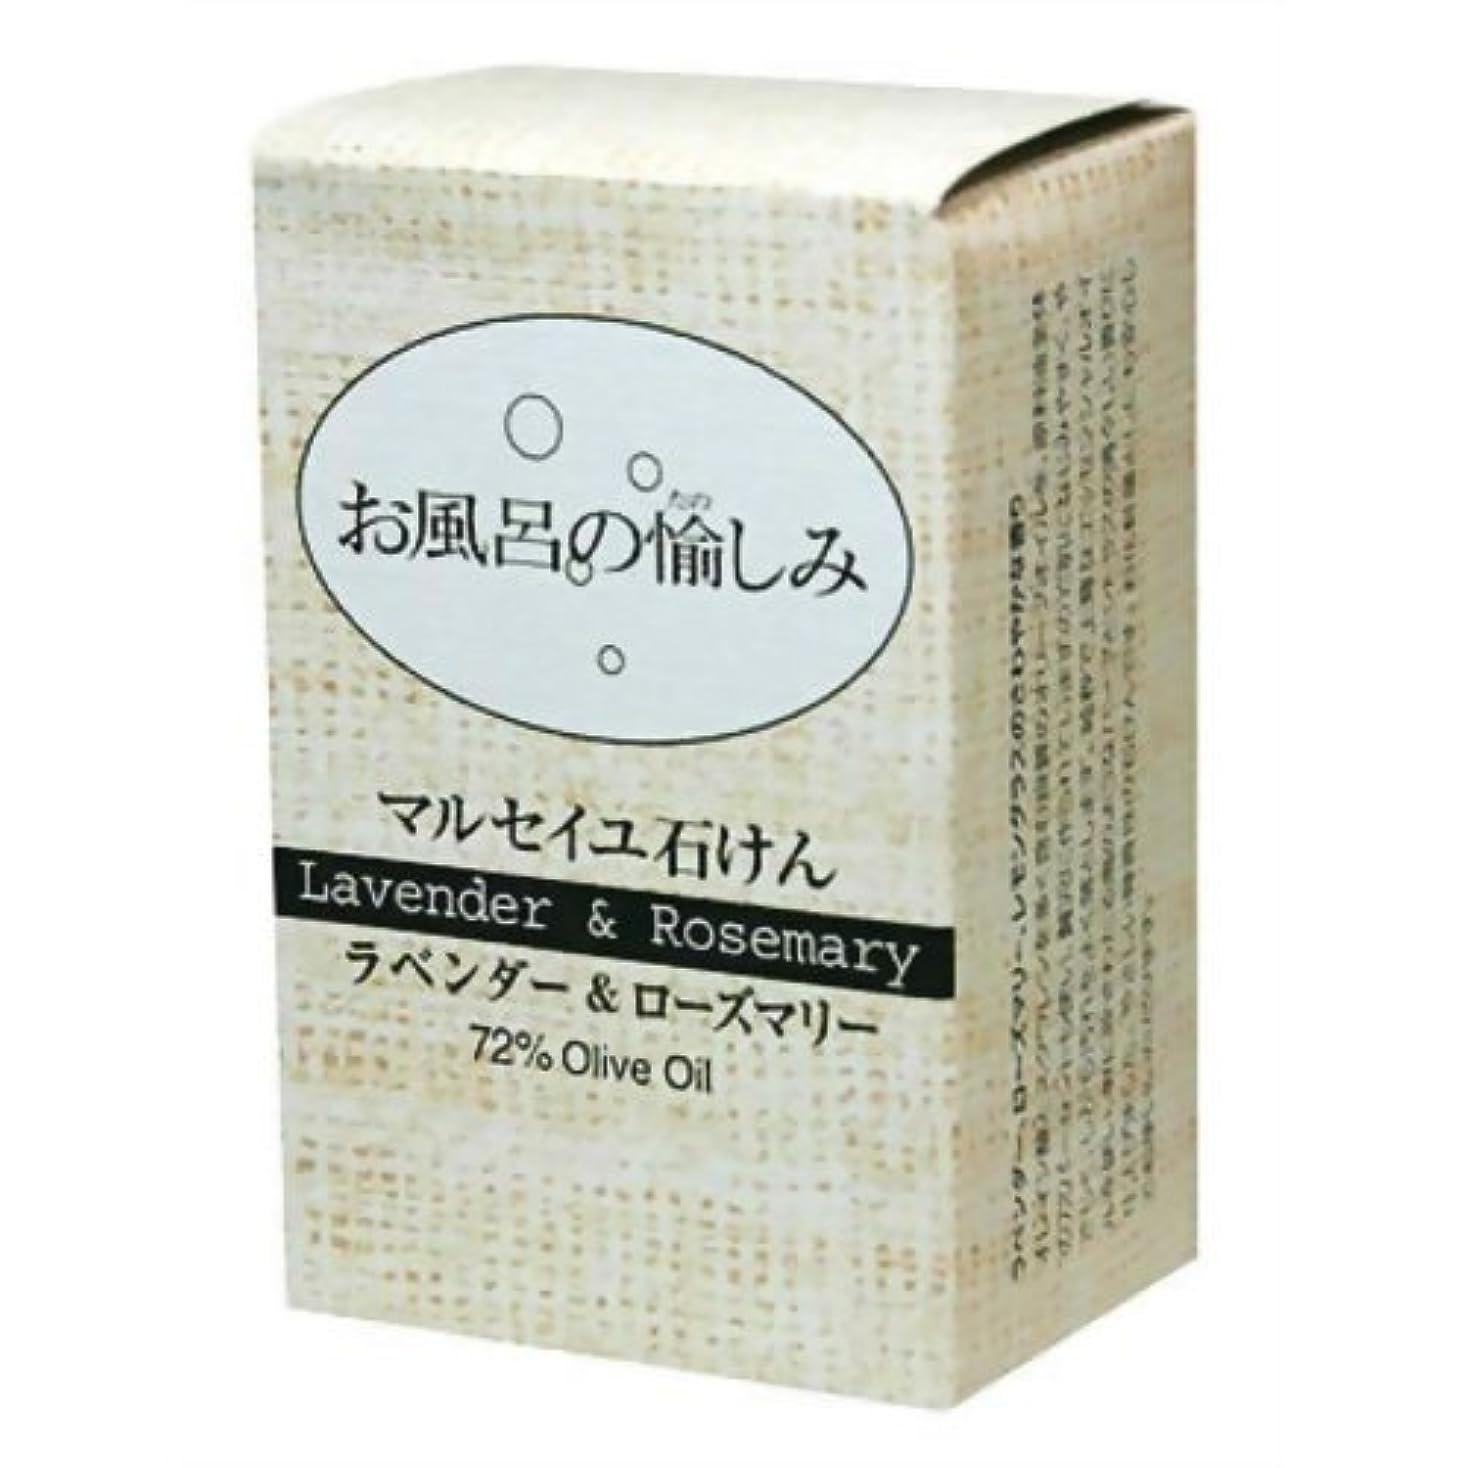 流す瞑想的申込みお風呂の愉しみ マルセイユ石鹸 ラベンダー&ローズマリー 120g